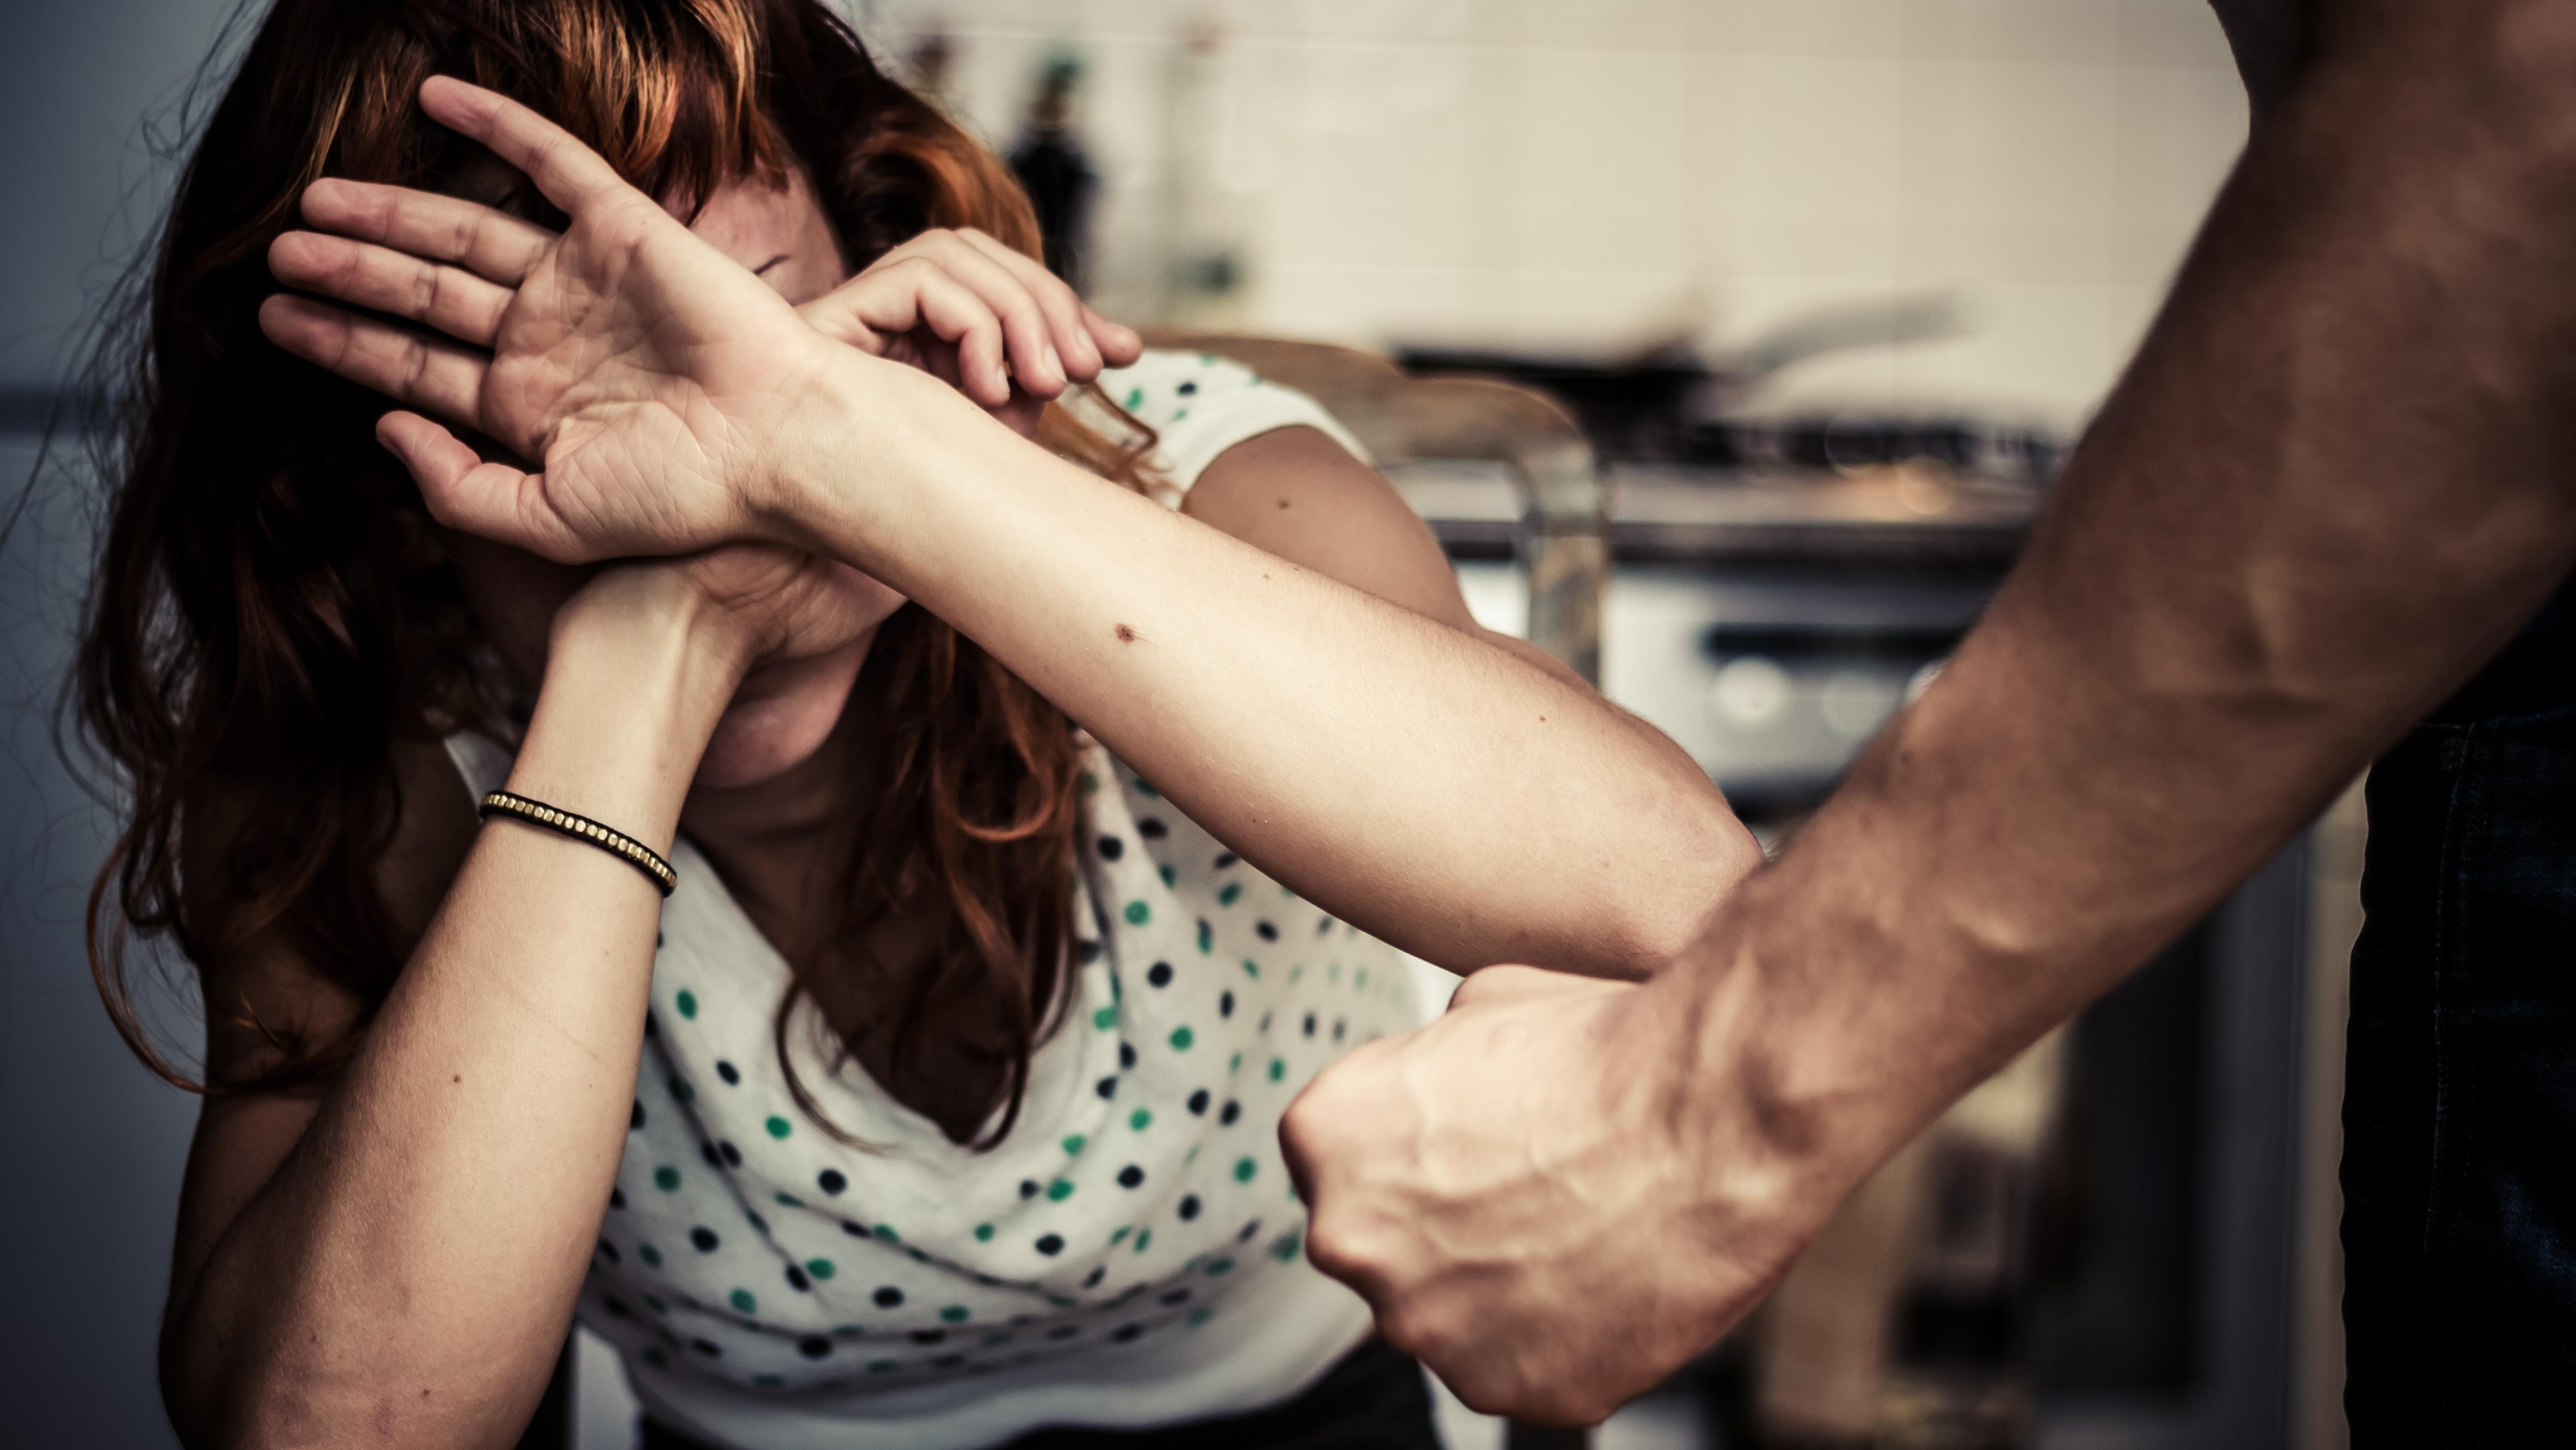 Терпела, потому что верила, что женятся раз в жизни: как Украина борется с домашним насилием - Новости здоровья - Здоровье 24